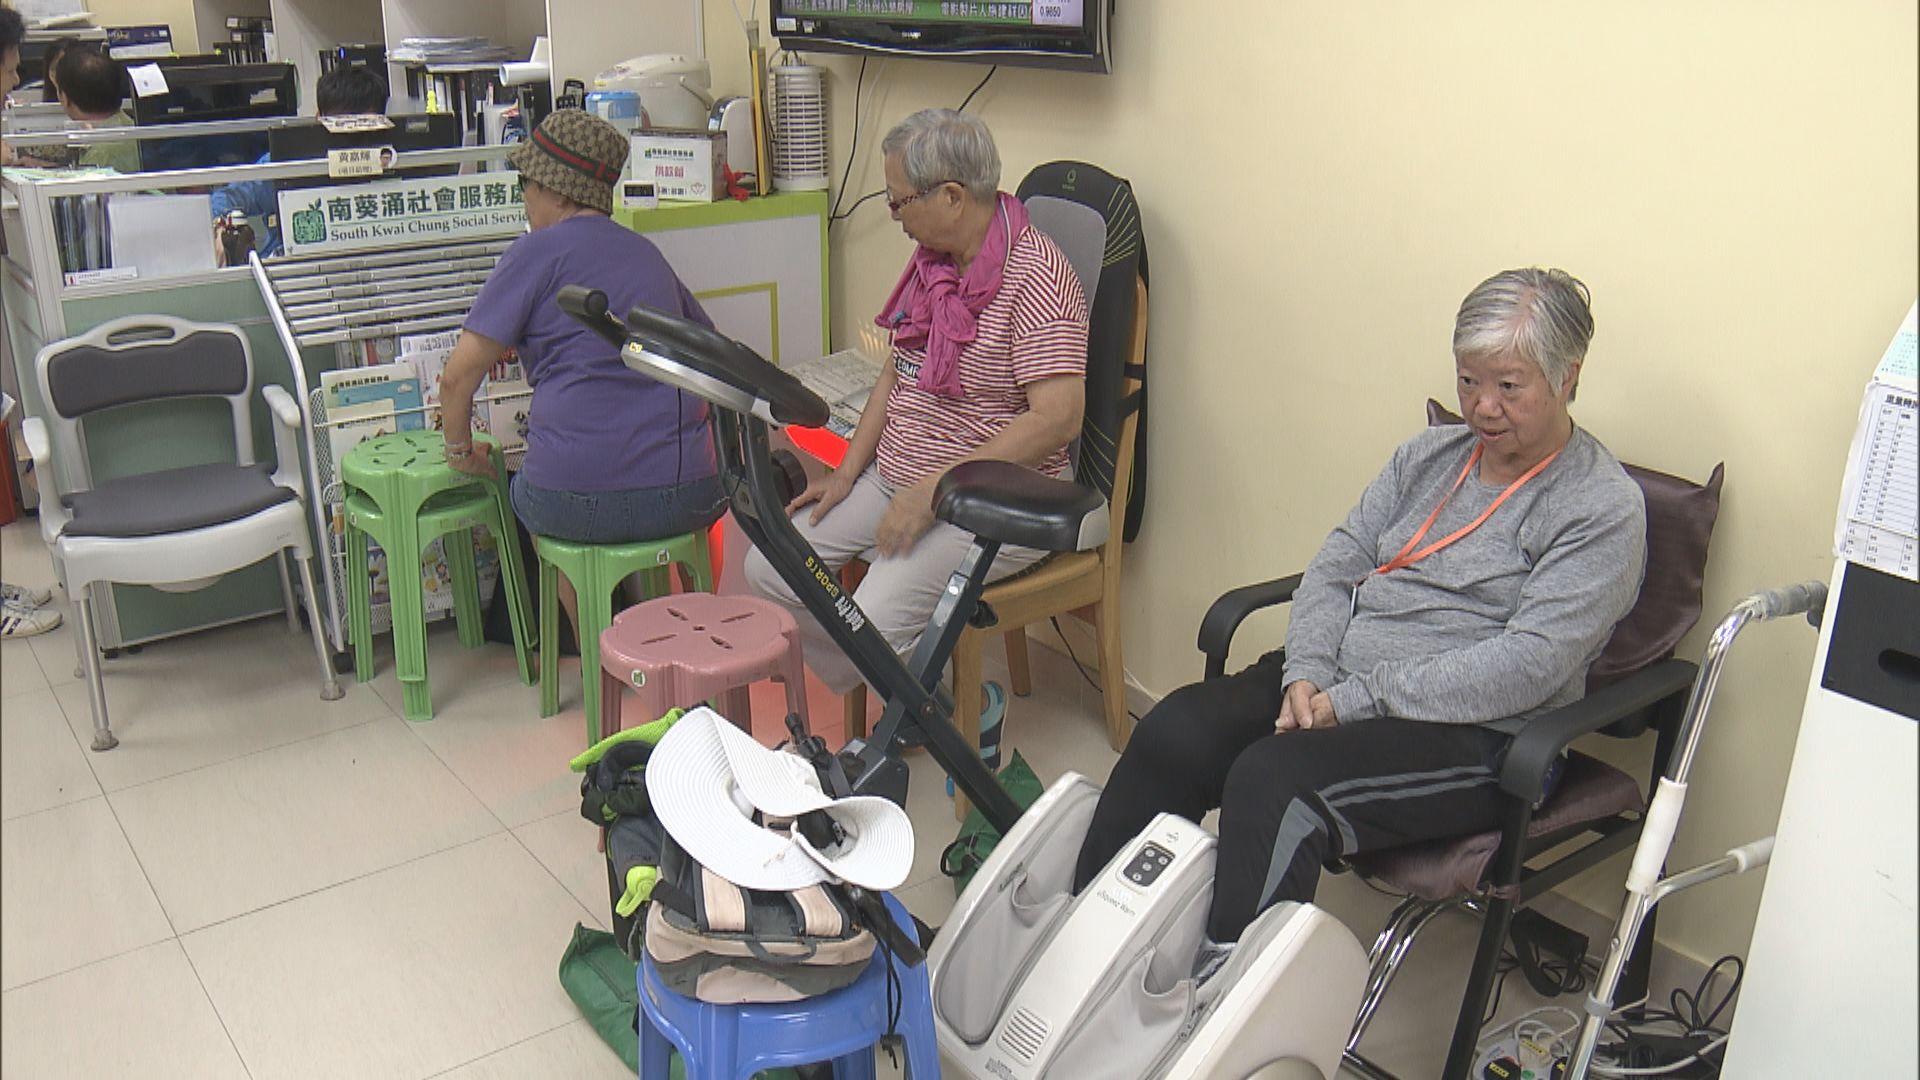 消息:施政報告會加快擴展康健中心至十八區